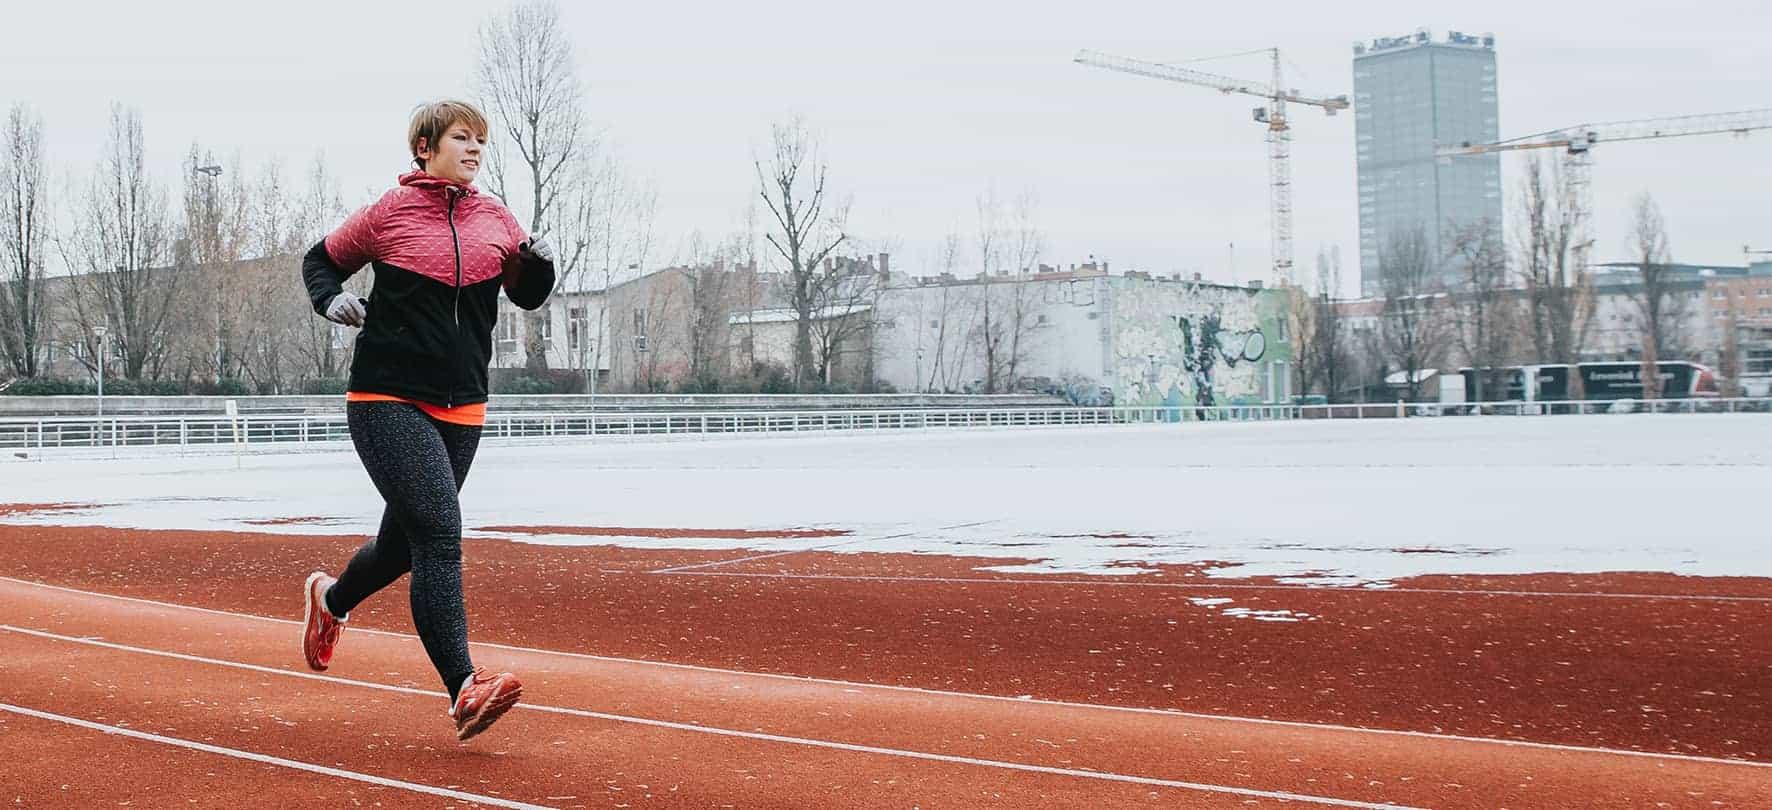 Laufen & Joggen im Winter